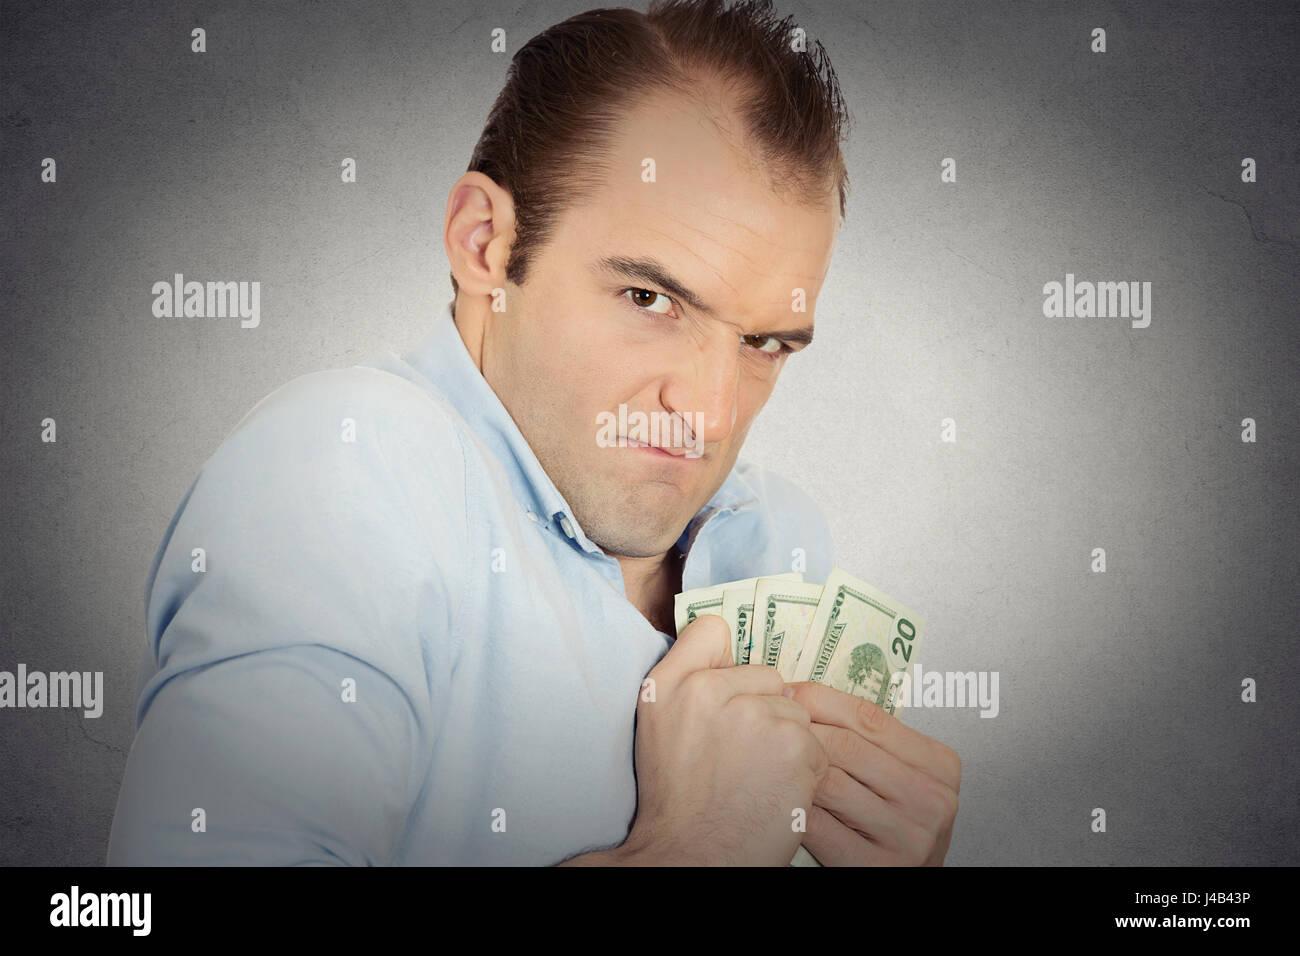 Closeup ritratto avido banchiere CEO executive boss, dipendente aziendale simpatiche uomo con banconote di dollari Immagini Stock